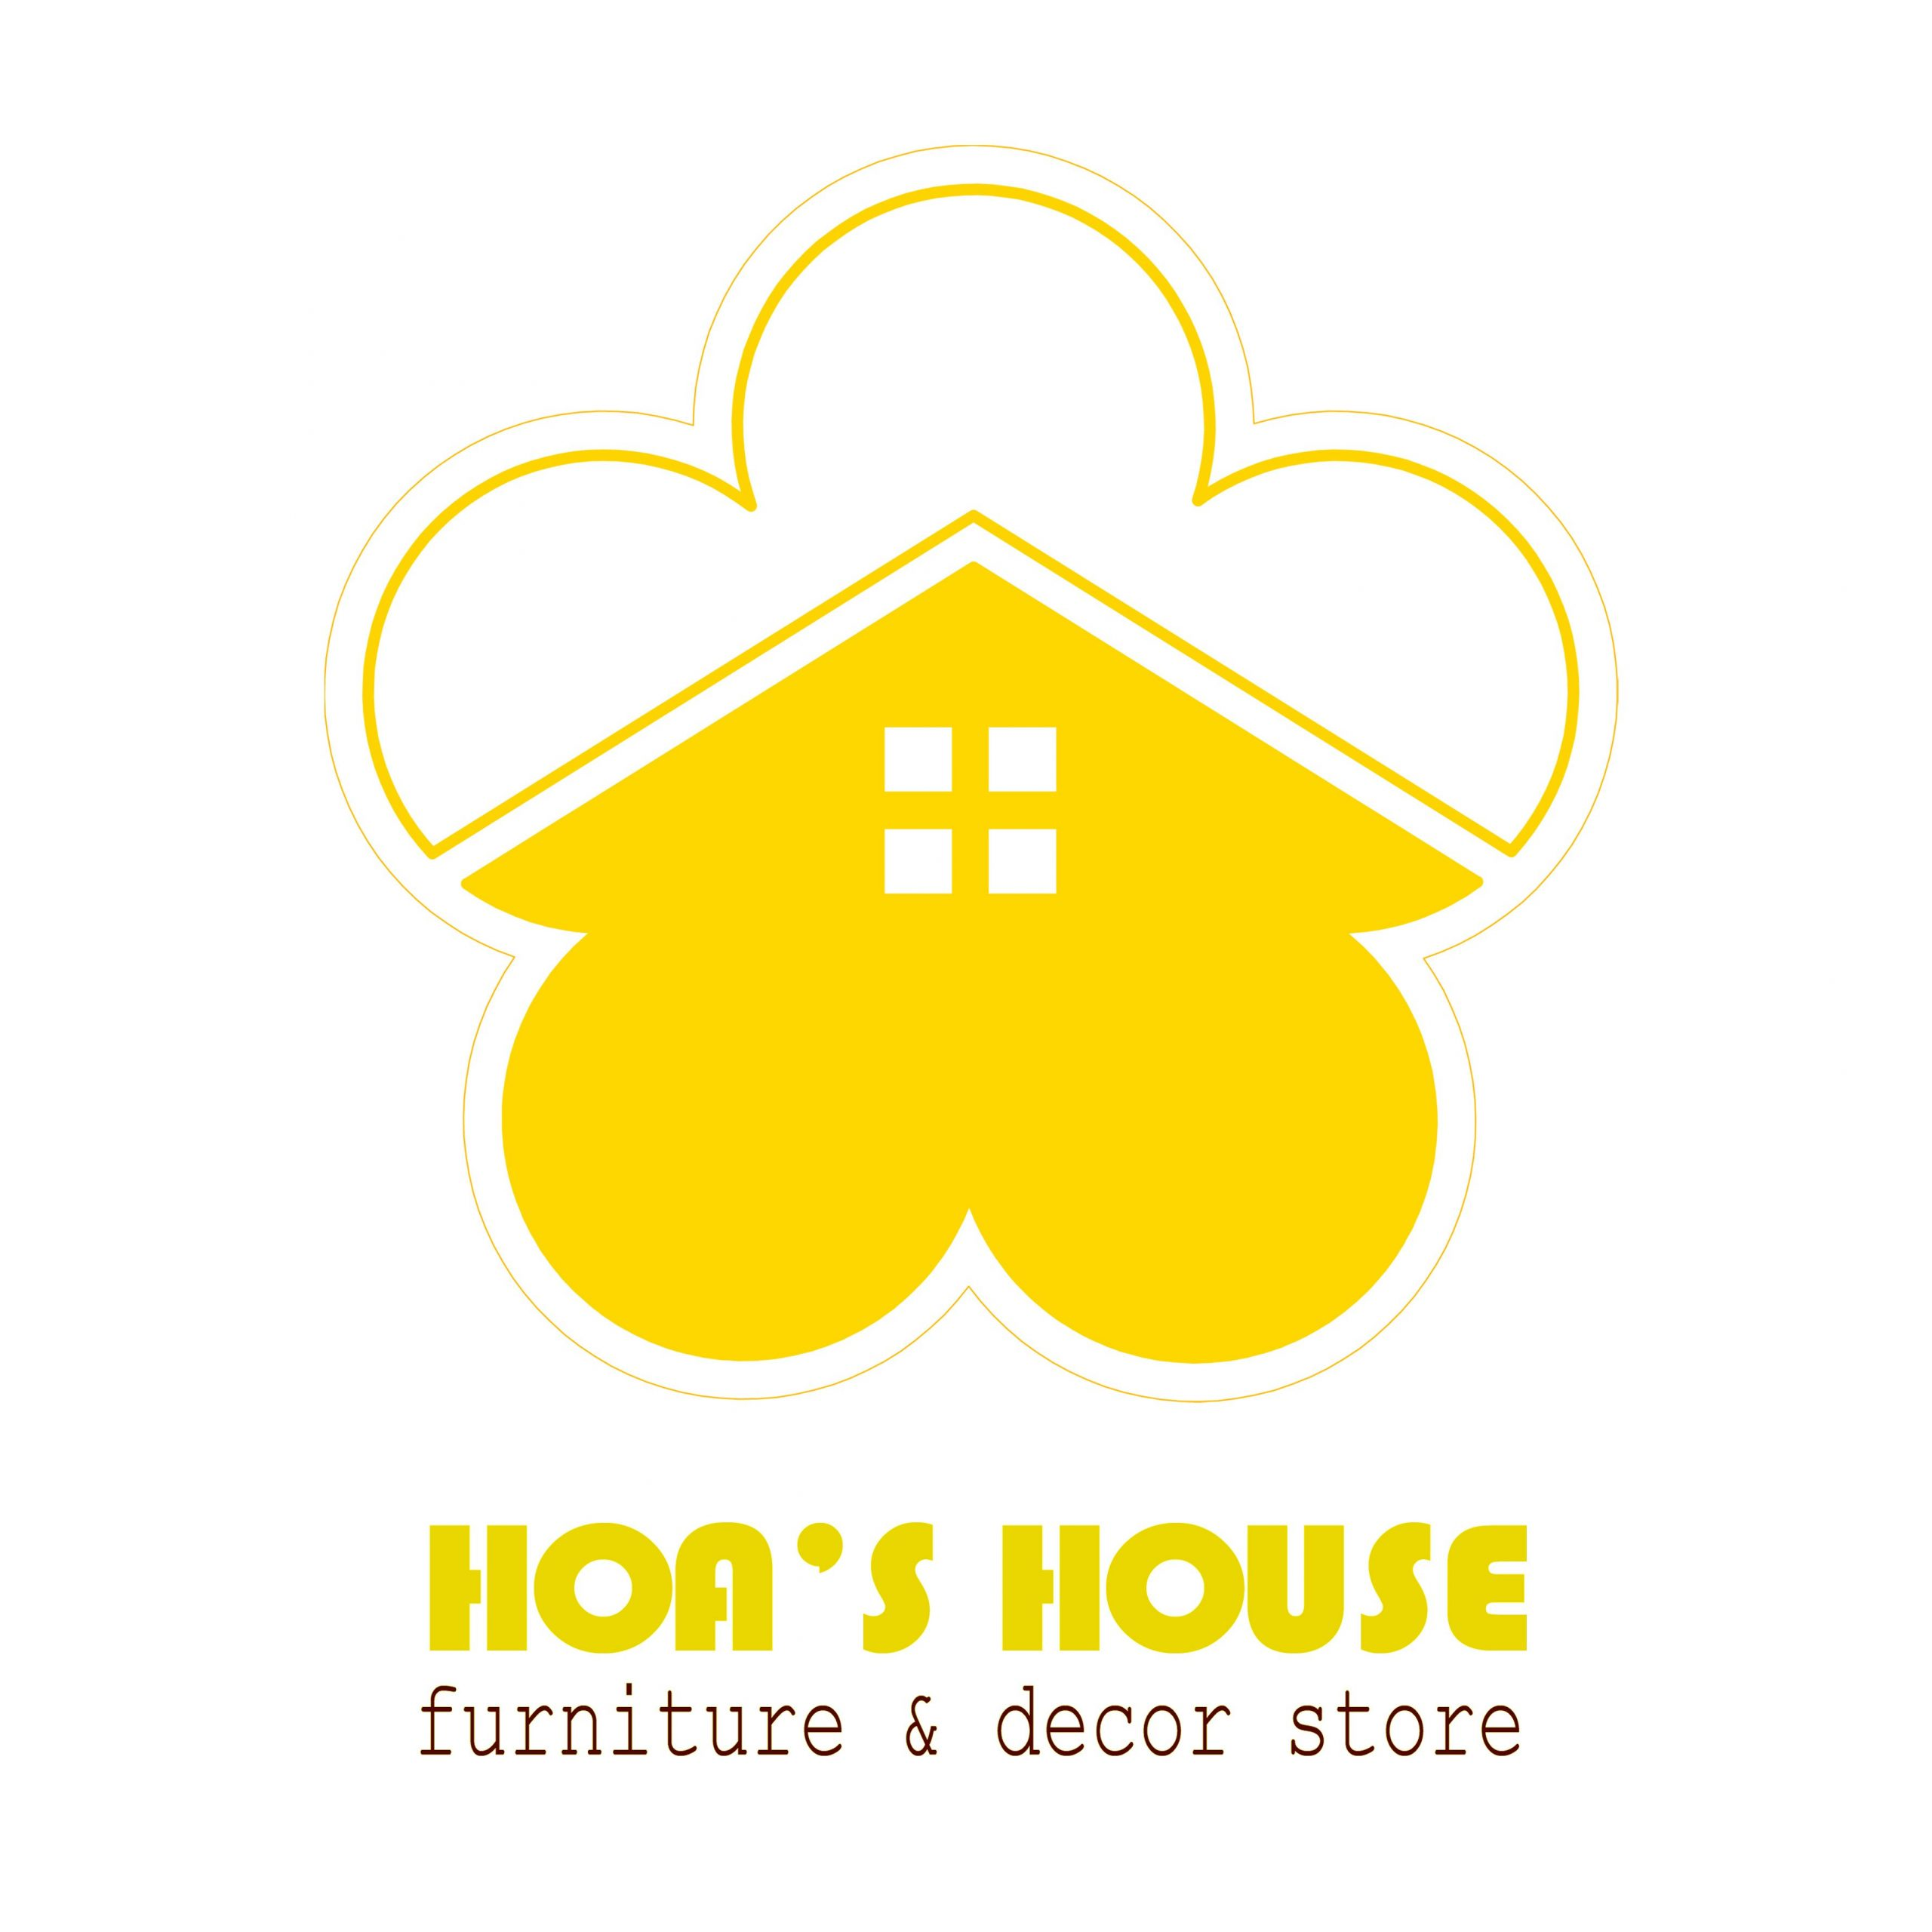 Hoa's House